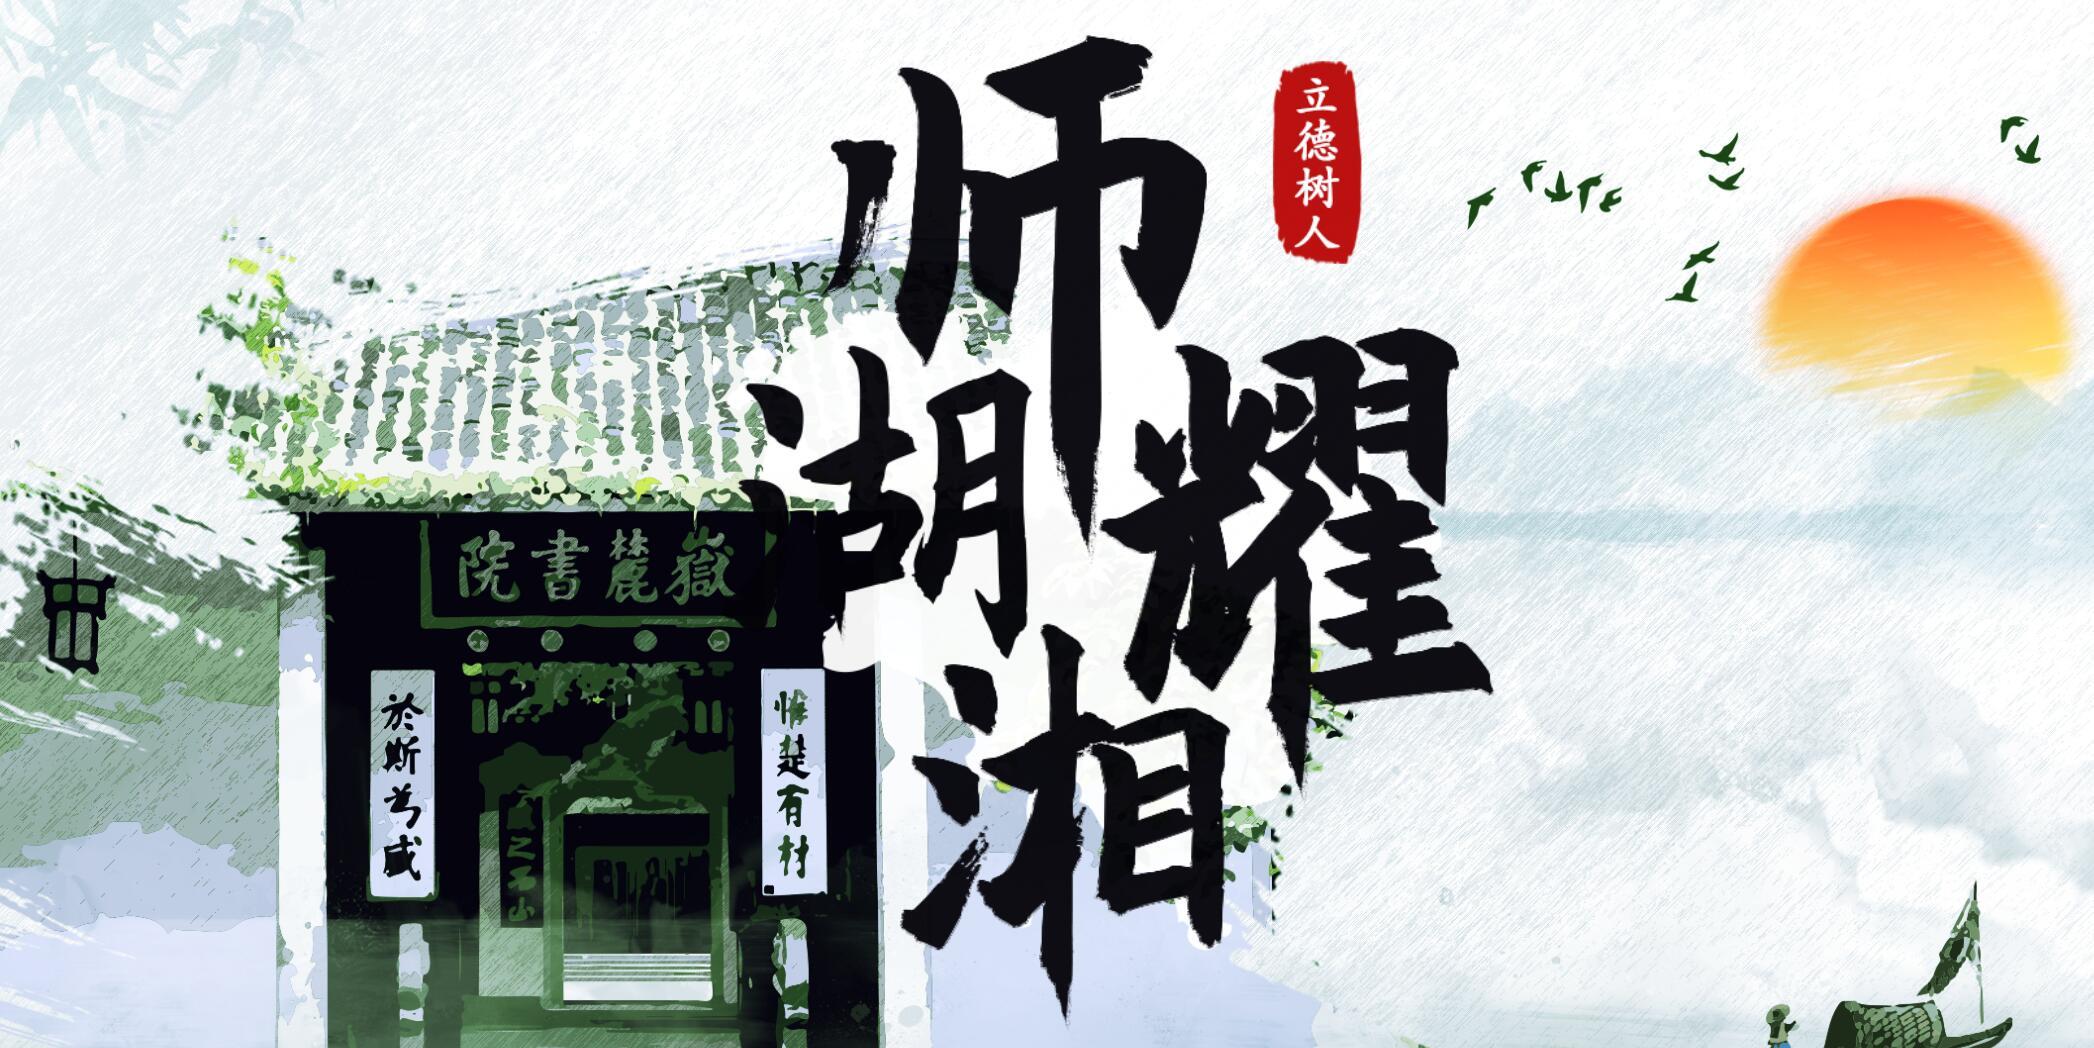 师耀湖湘——他们是当代教师的榜样